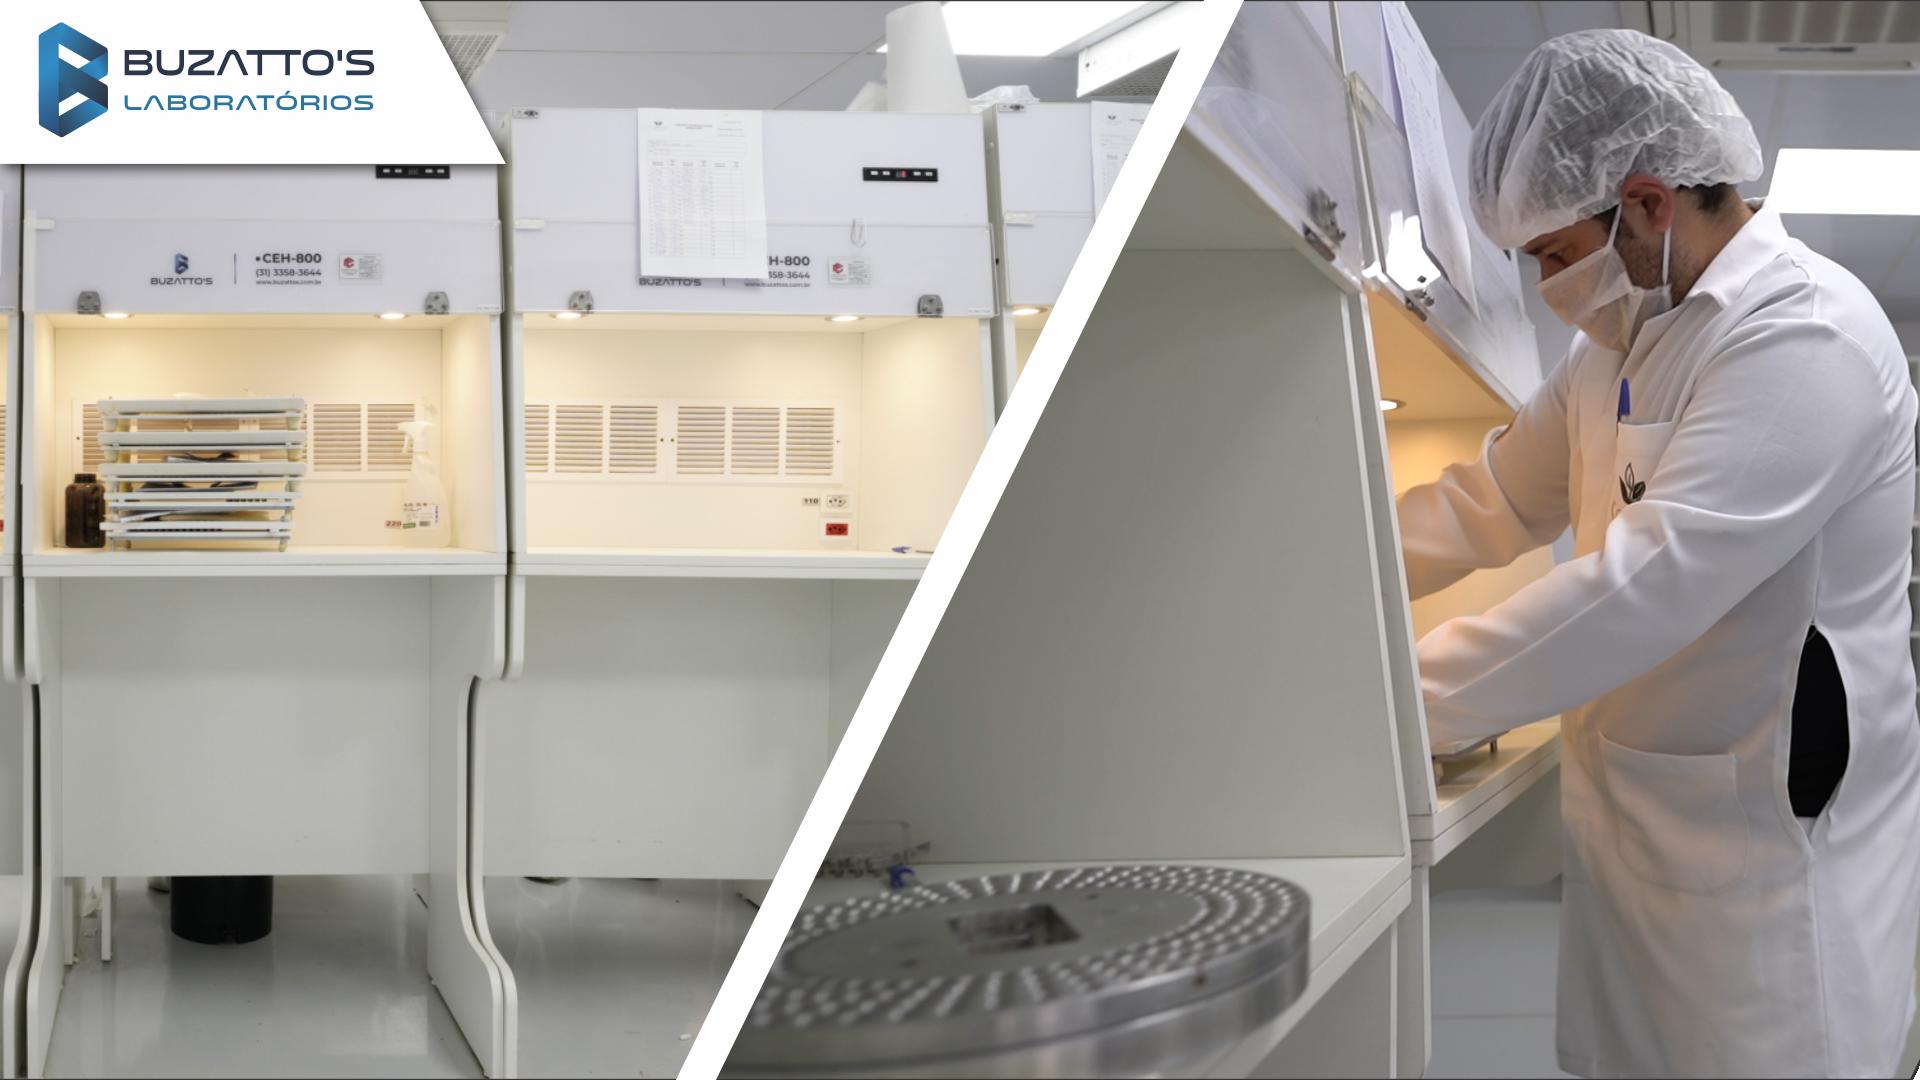 Entenda para que servem as cabines de fluxo laminar e de segurança biológica